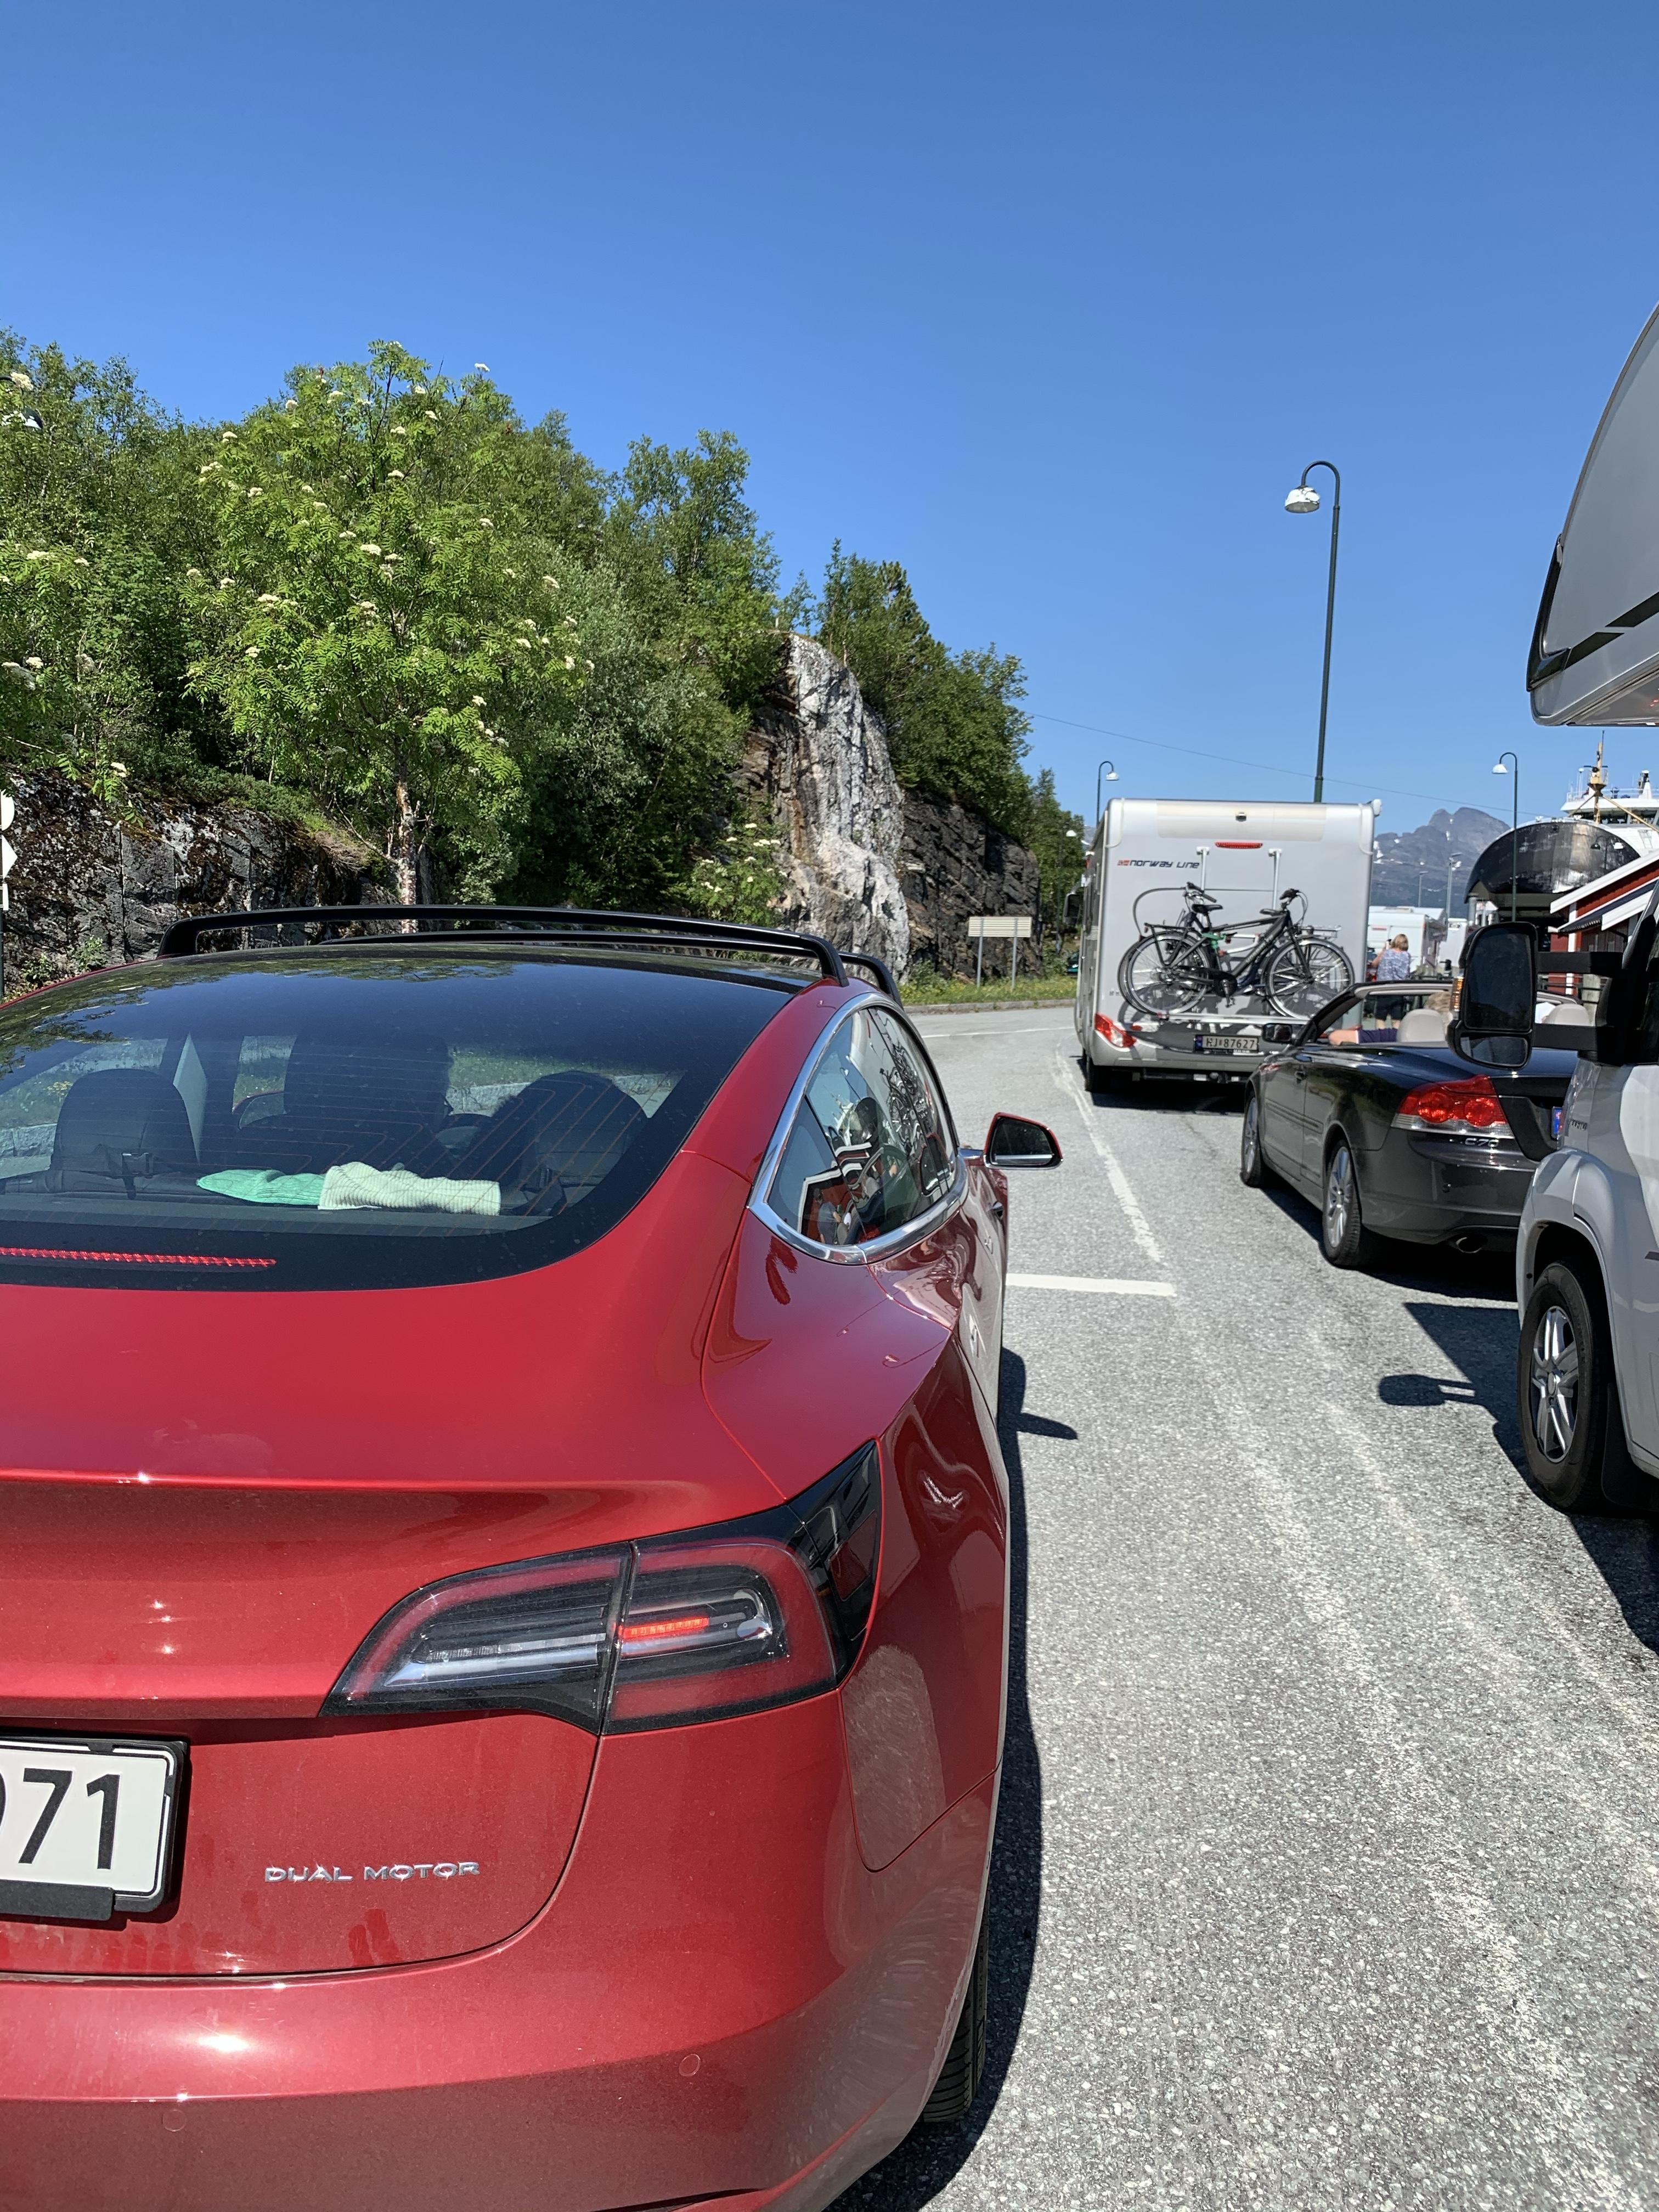 Rød bil i fergekø